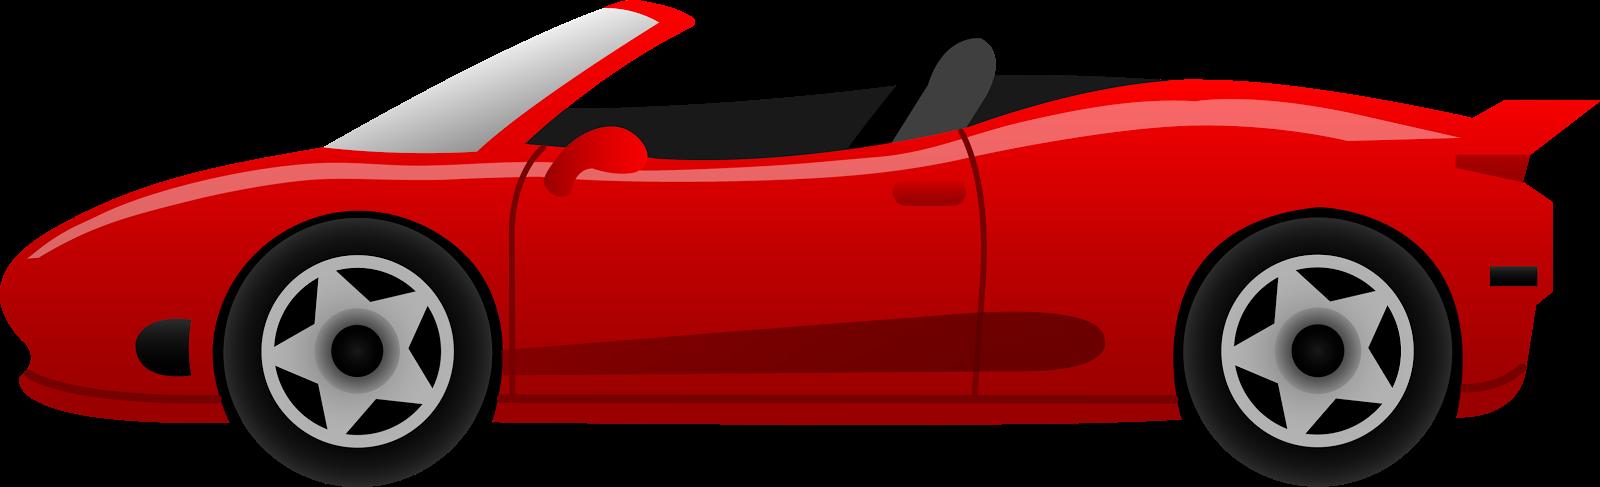 Car Show Clipart.